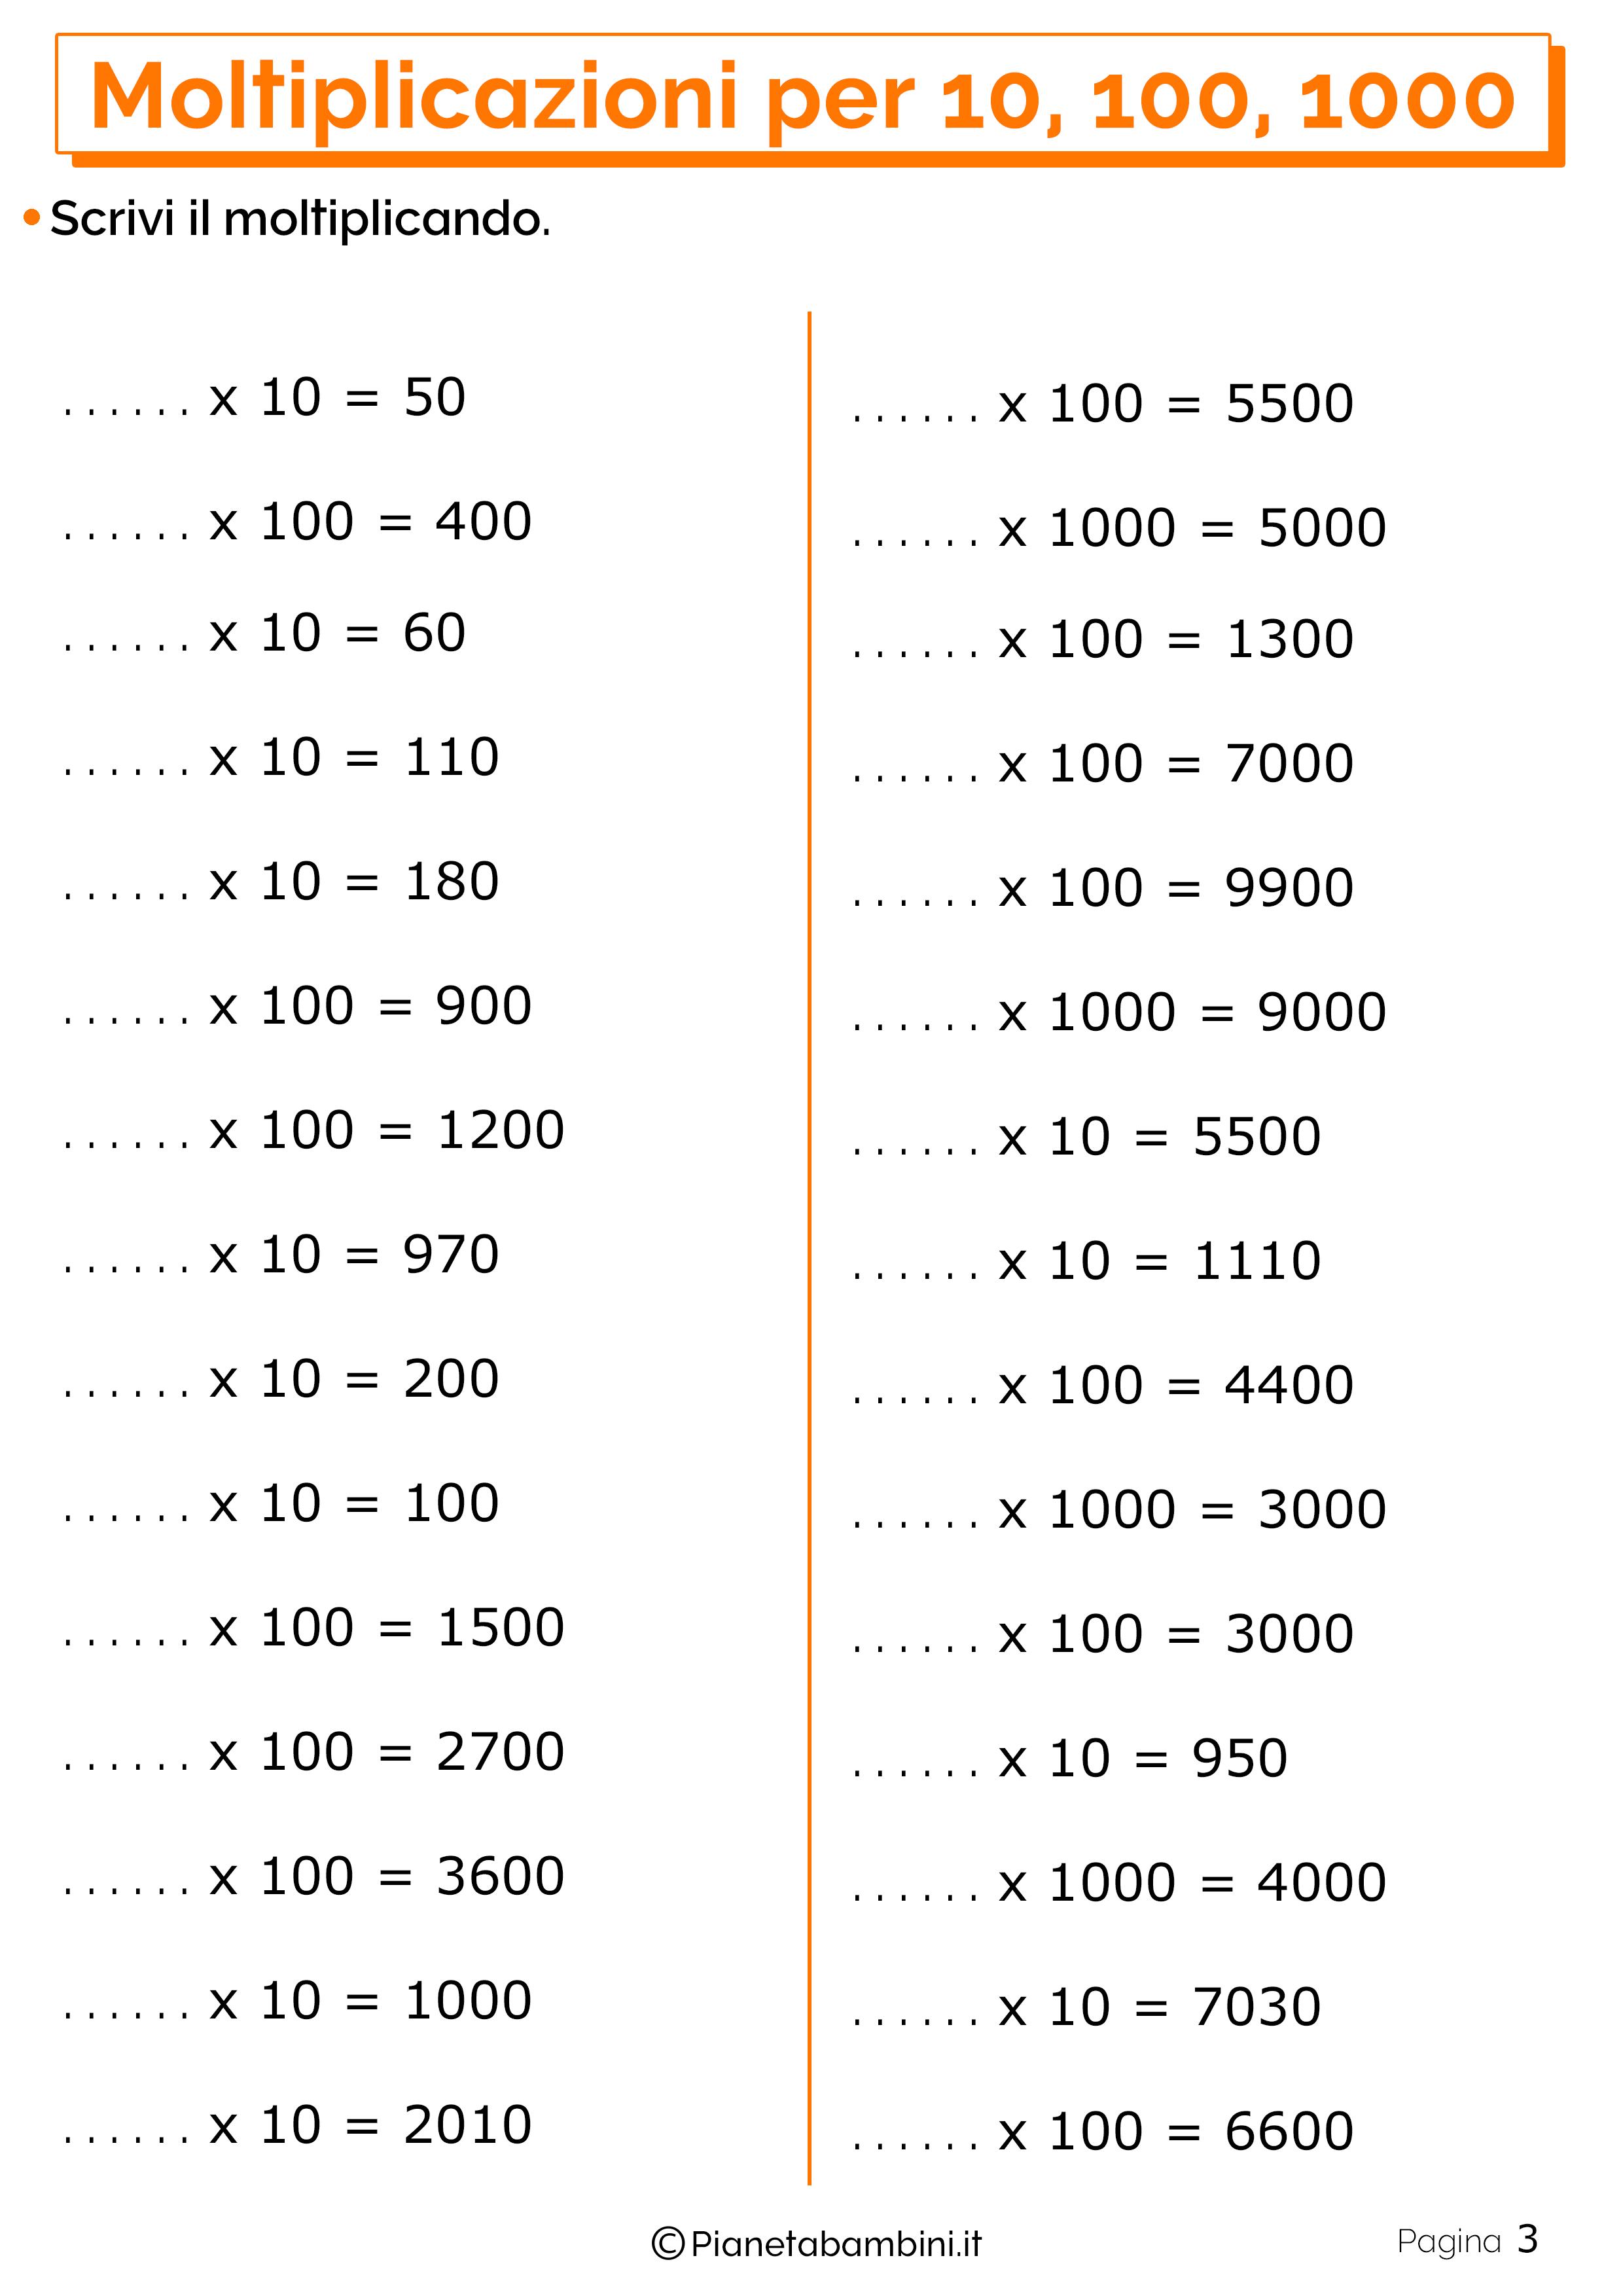 Schede didattiche moltiplicazioni 10 100 1000_3